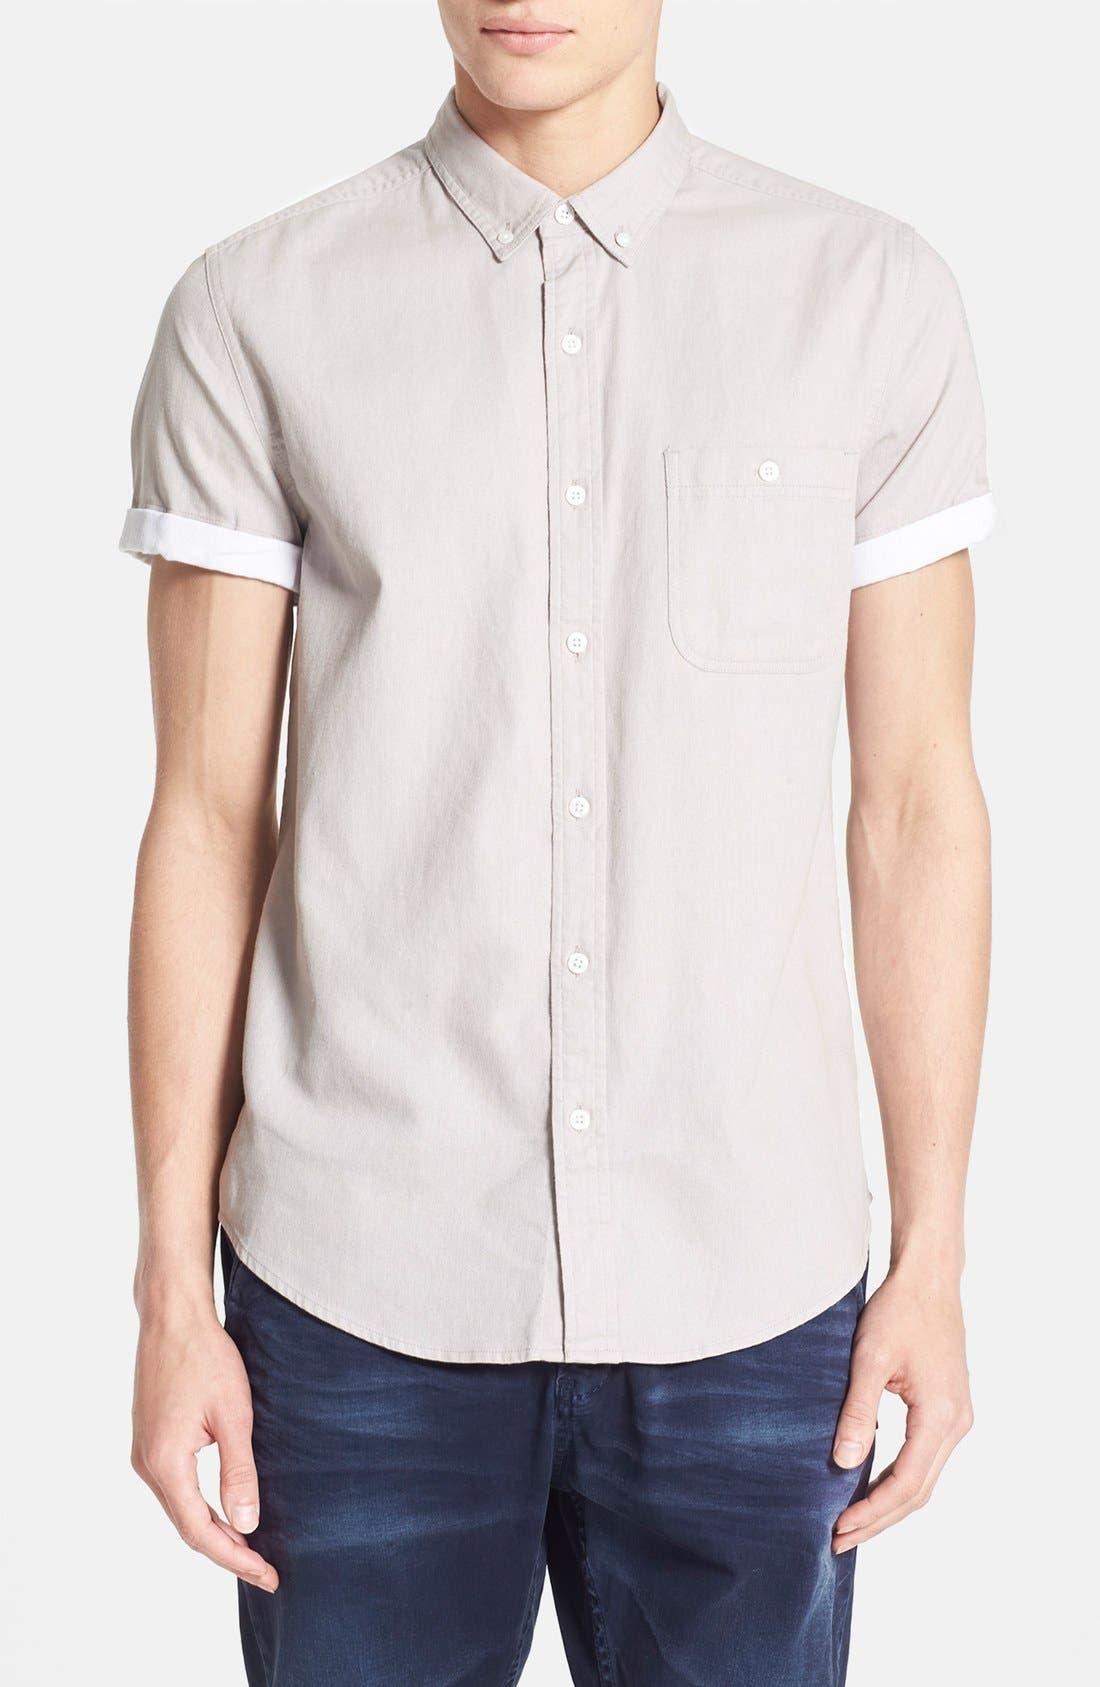 TOPMAN Contrast Trim Short Sleeve Cotton Shirt, Main, color, 020